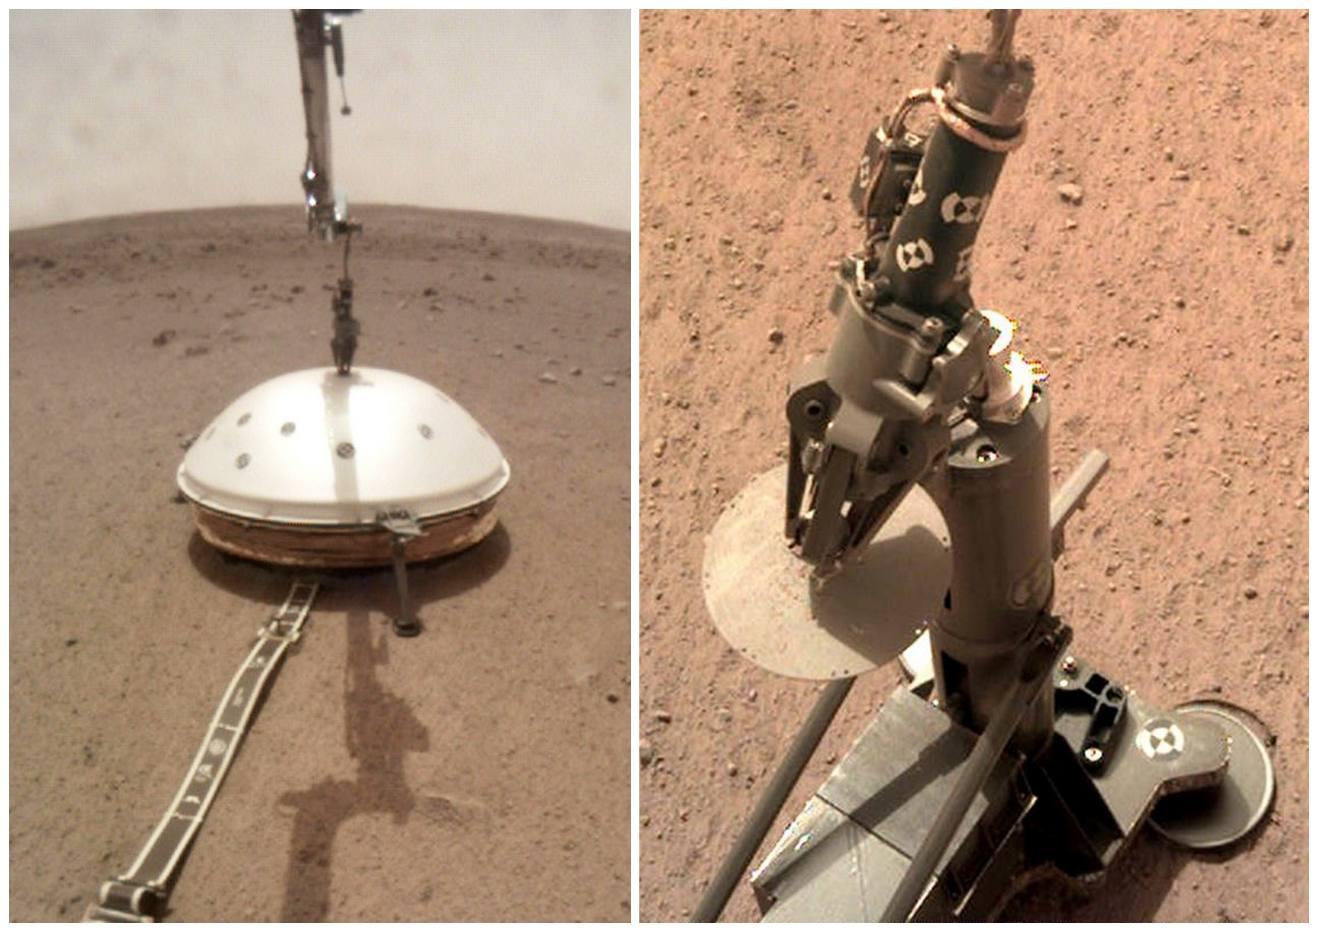 Déploiement des principaux instruments de la mission InSight sur Mars